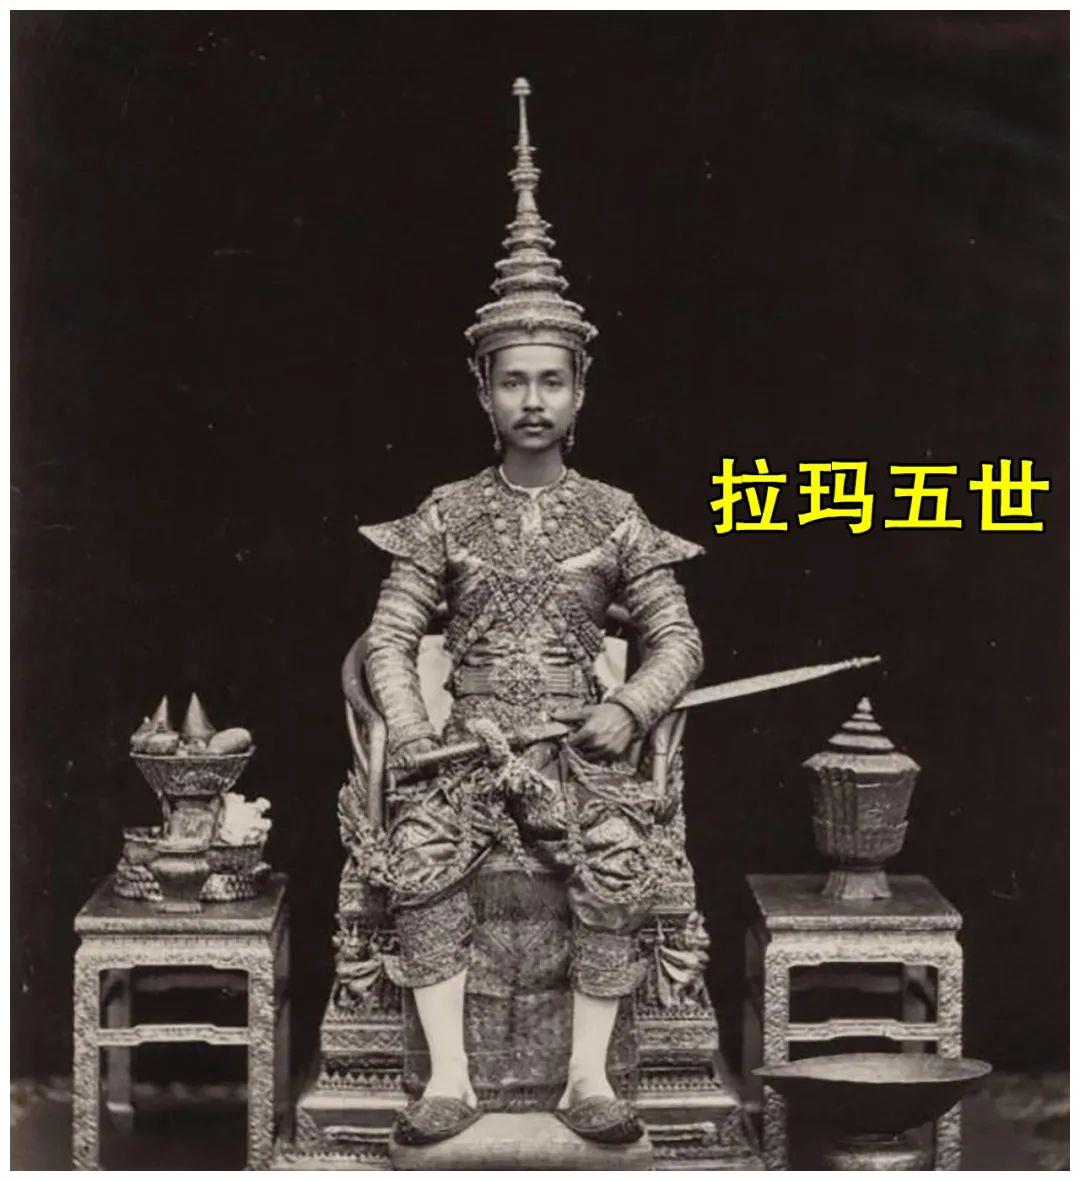 68岁泰王祭拜先祖,要求学生也跪拜先王,还用扣学分来惩罚可真狠